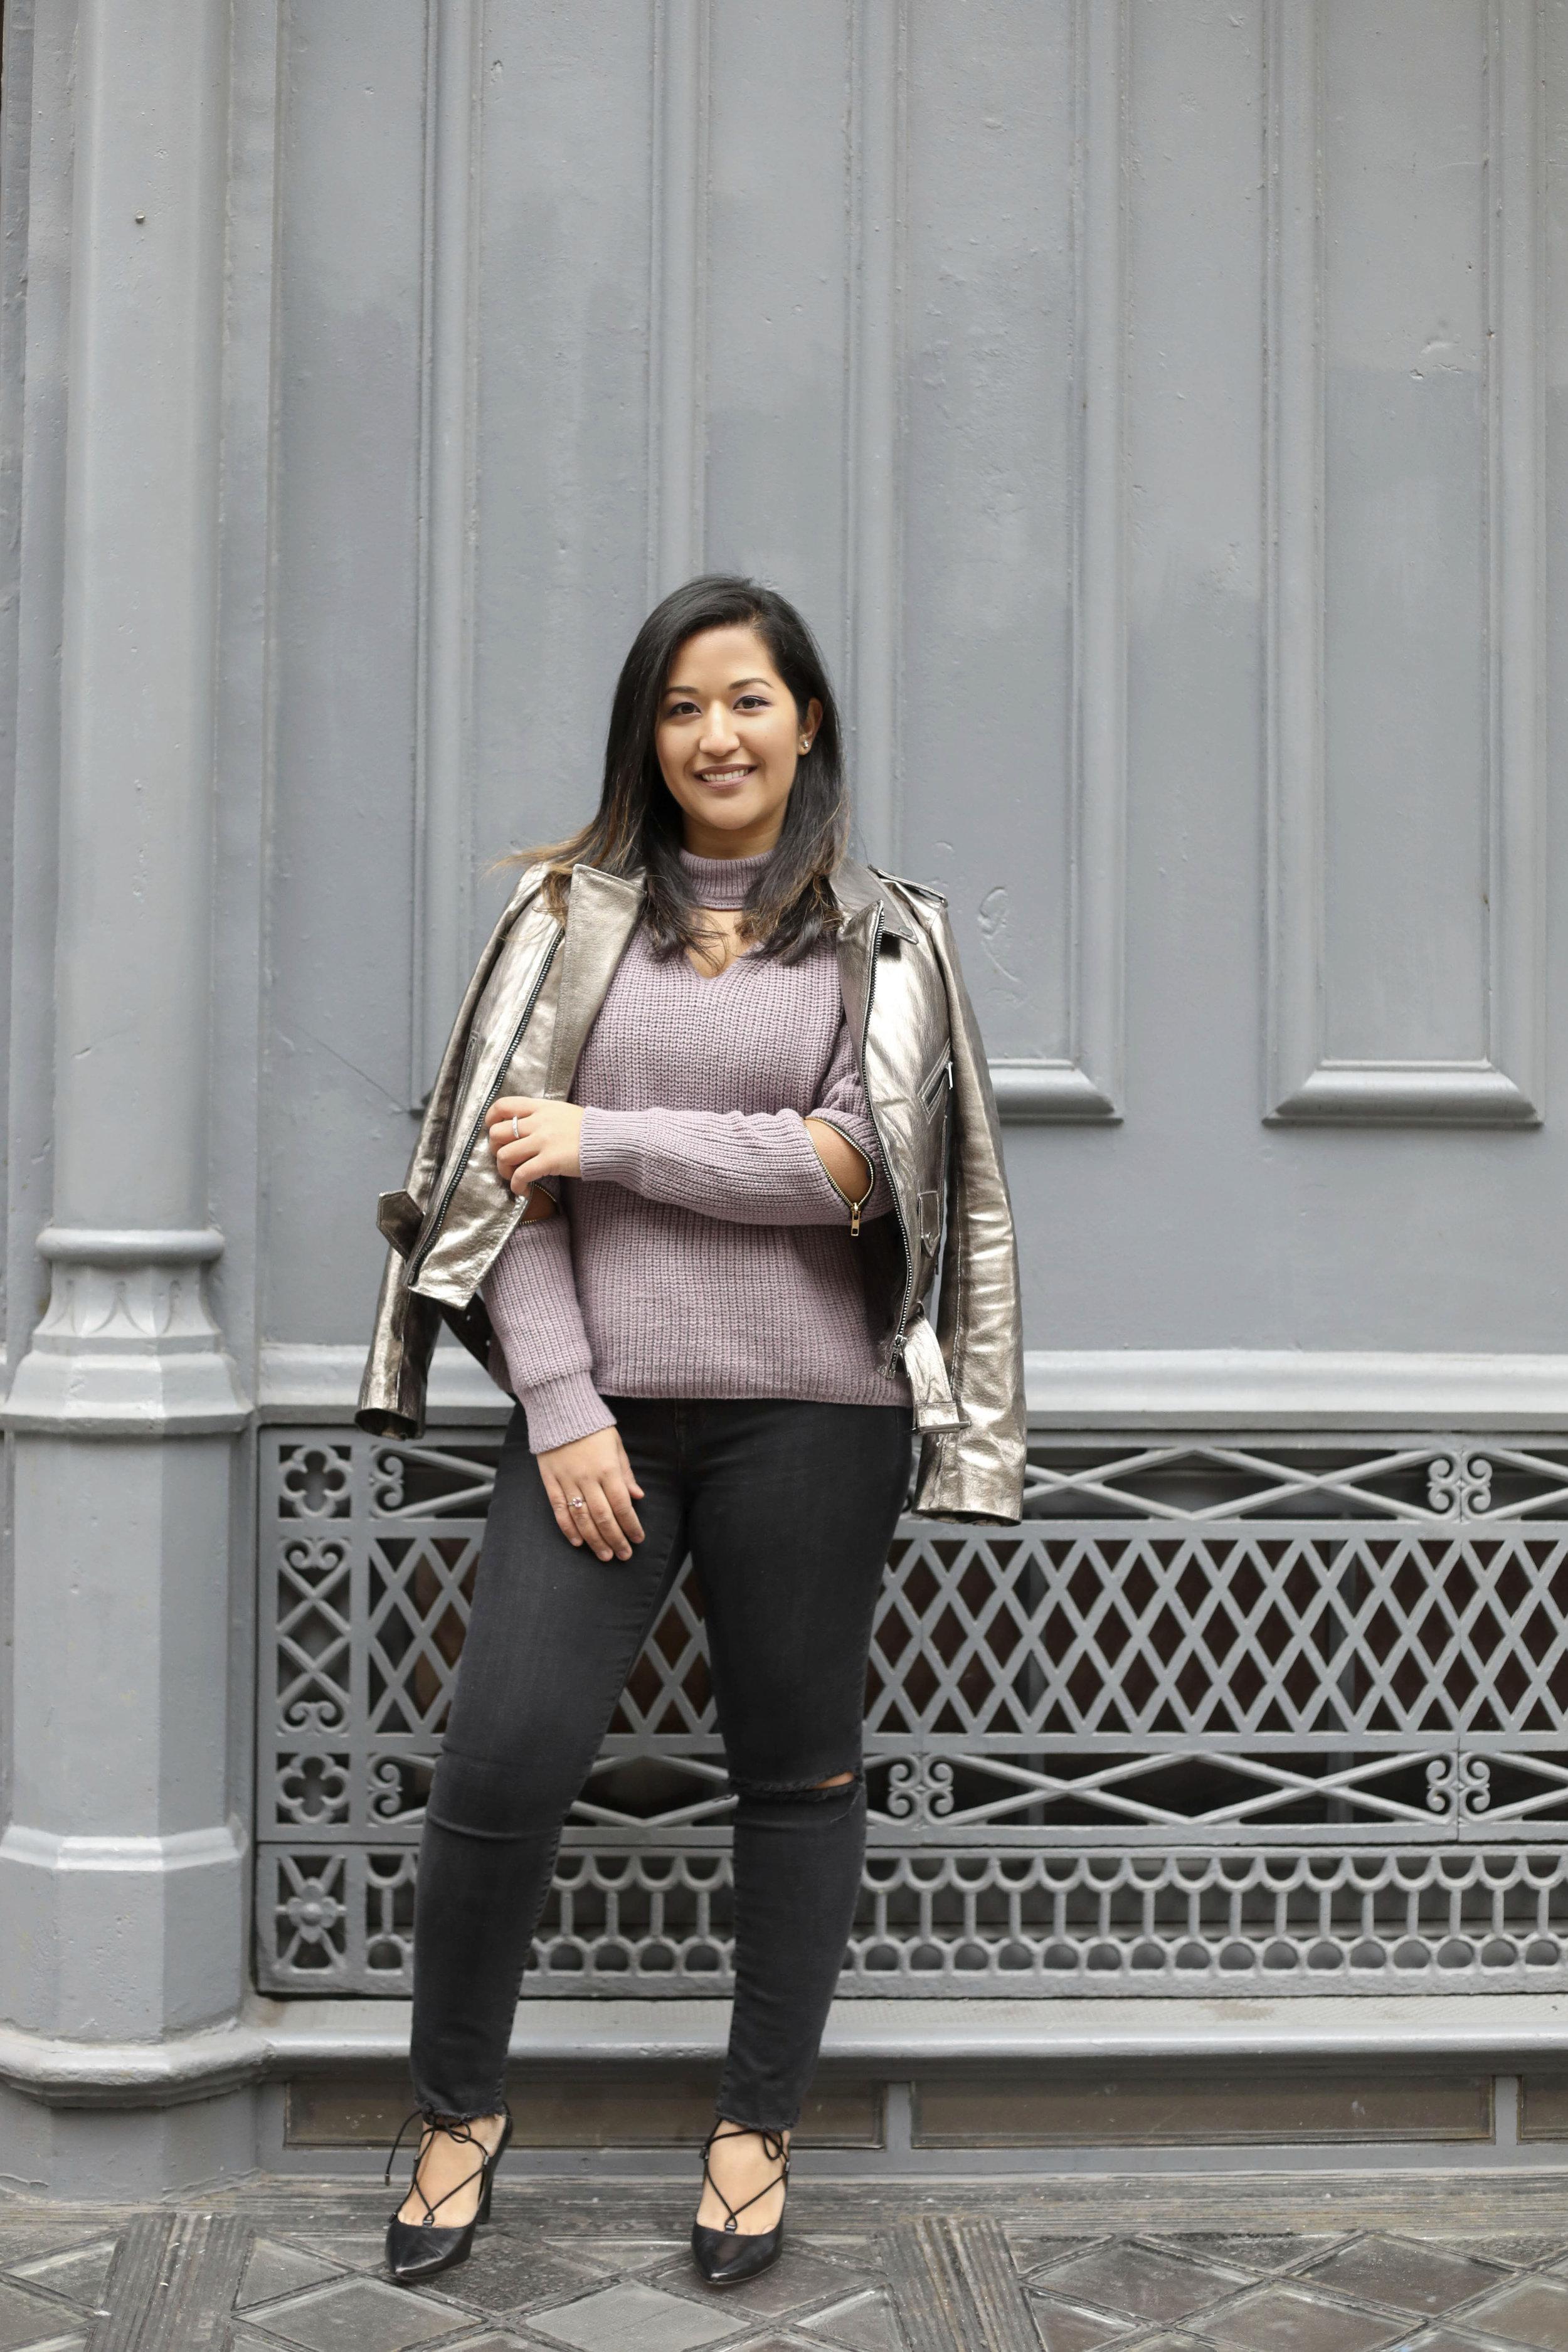 Romwe Sweater x Krity S10.jpg